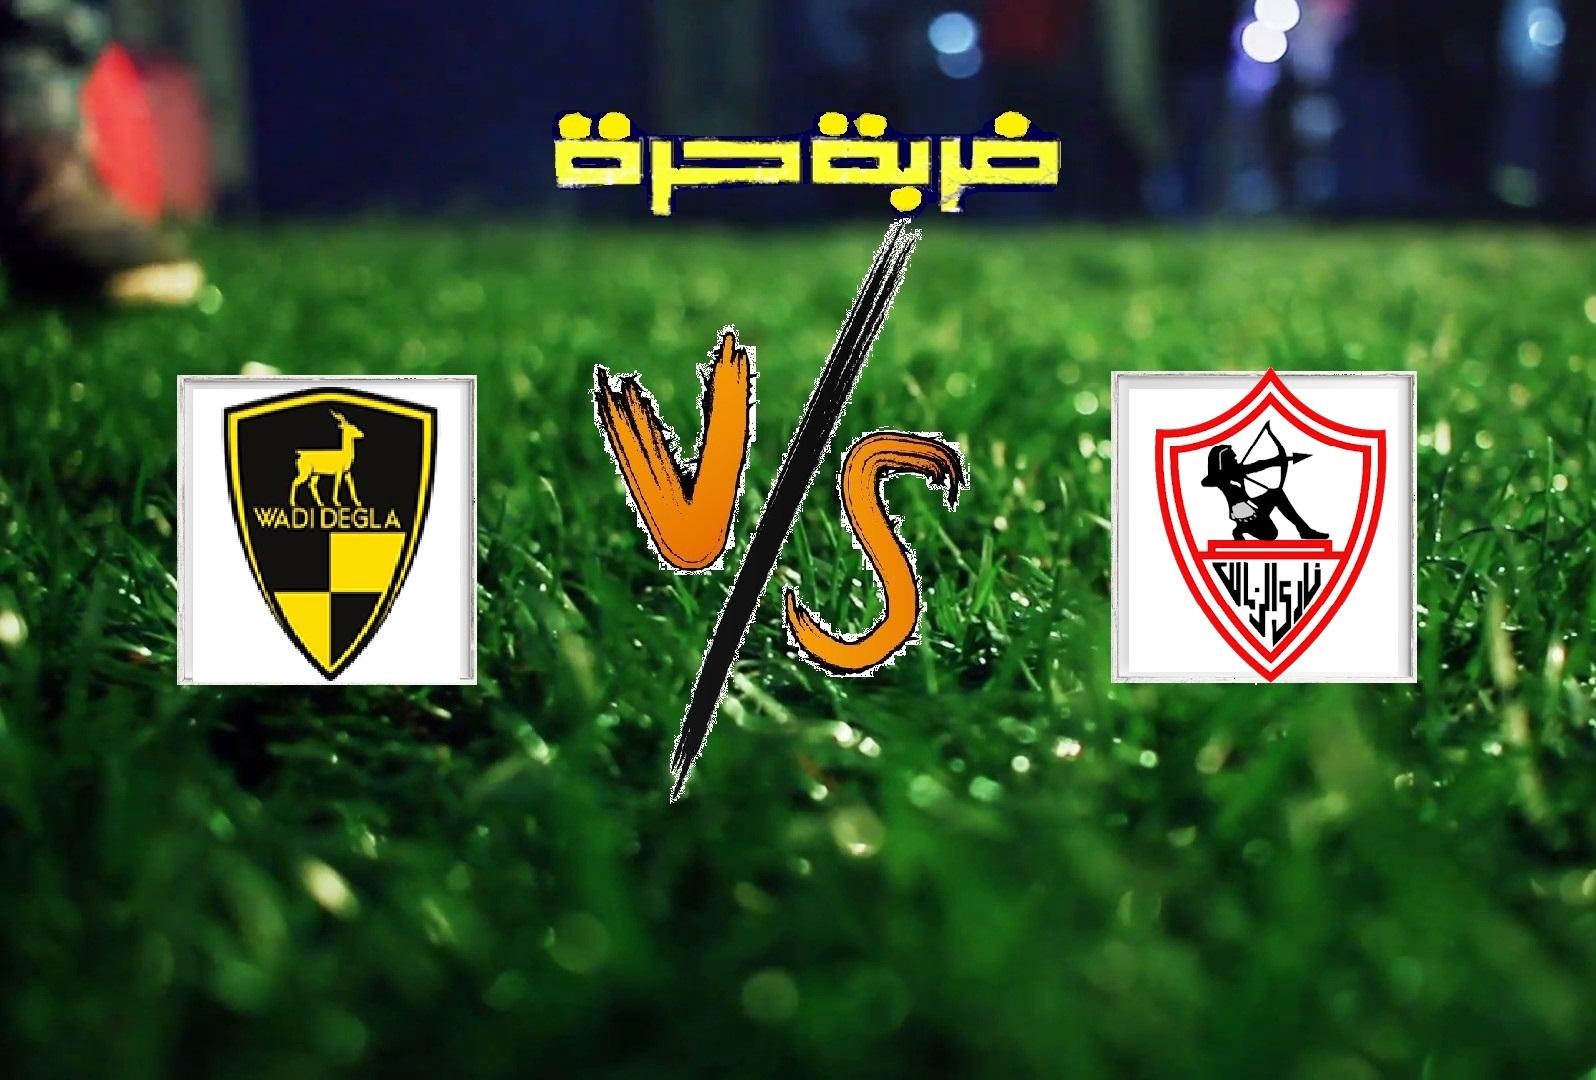 الزمالك يفوز على وادي دجلة بهدفين مقابل هدف في الجولة الـ29 من بطولة الدوري المصري